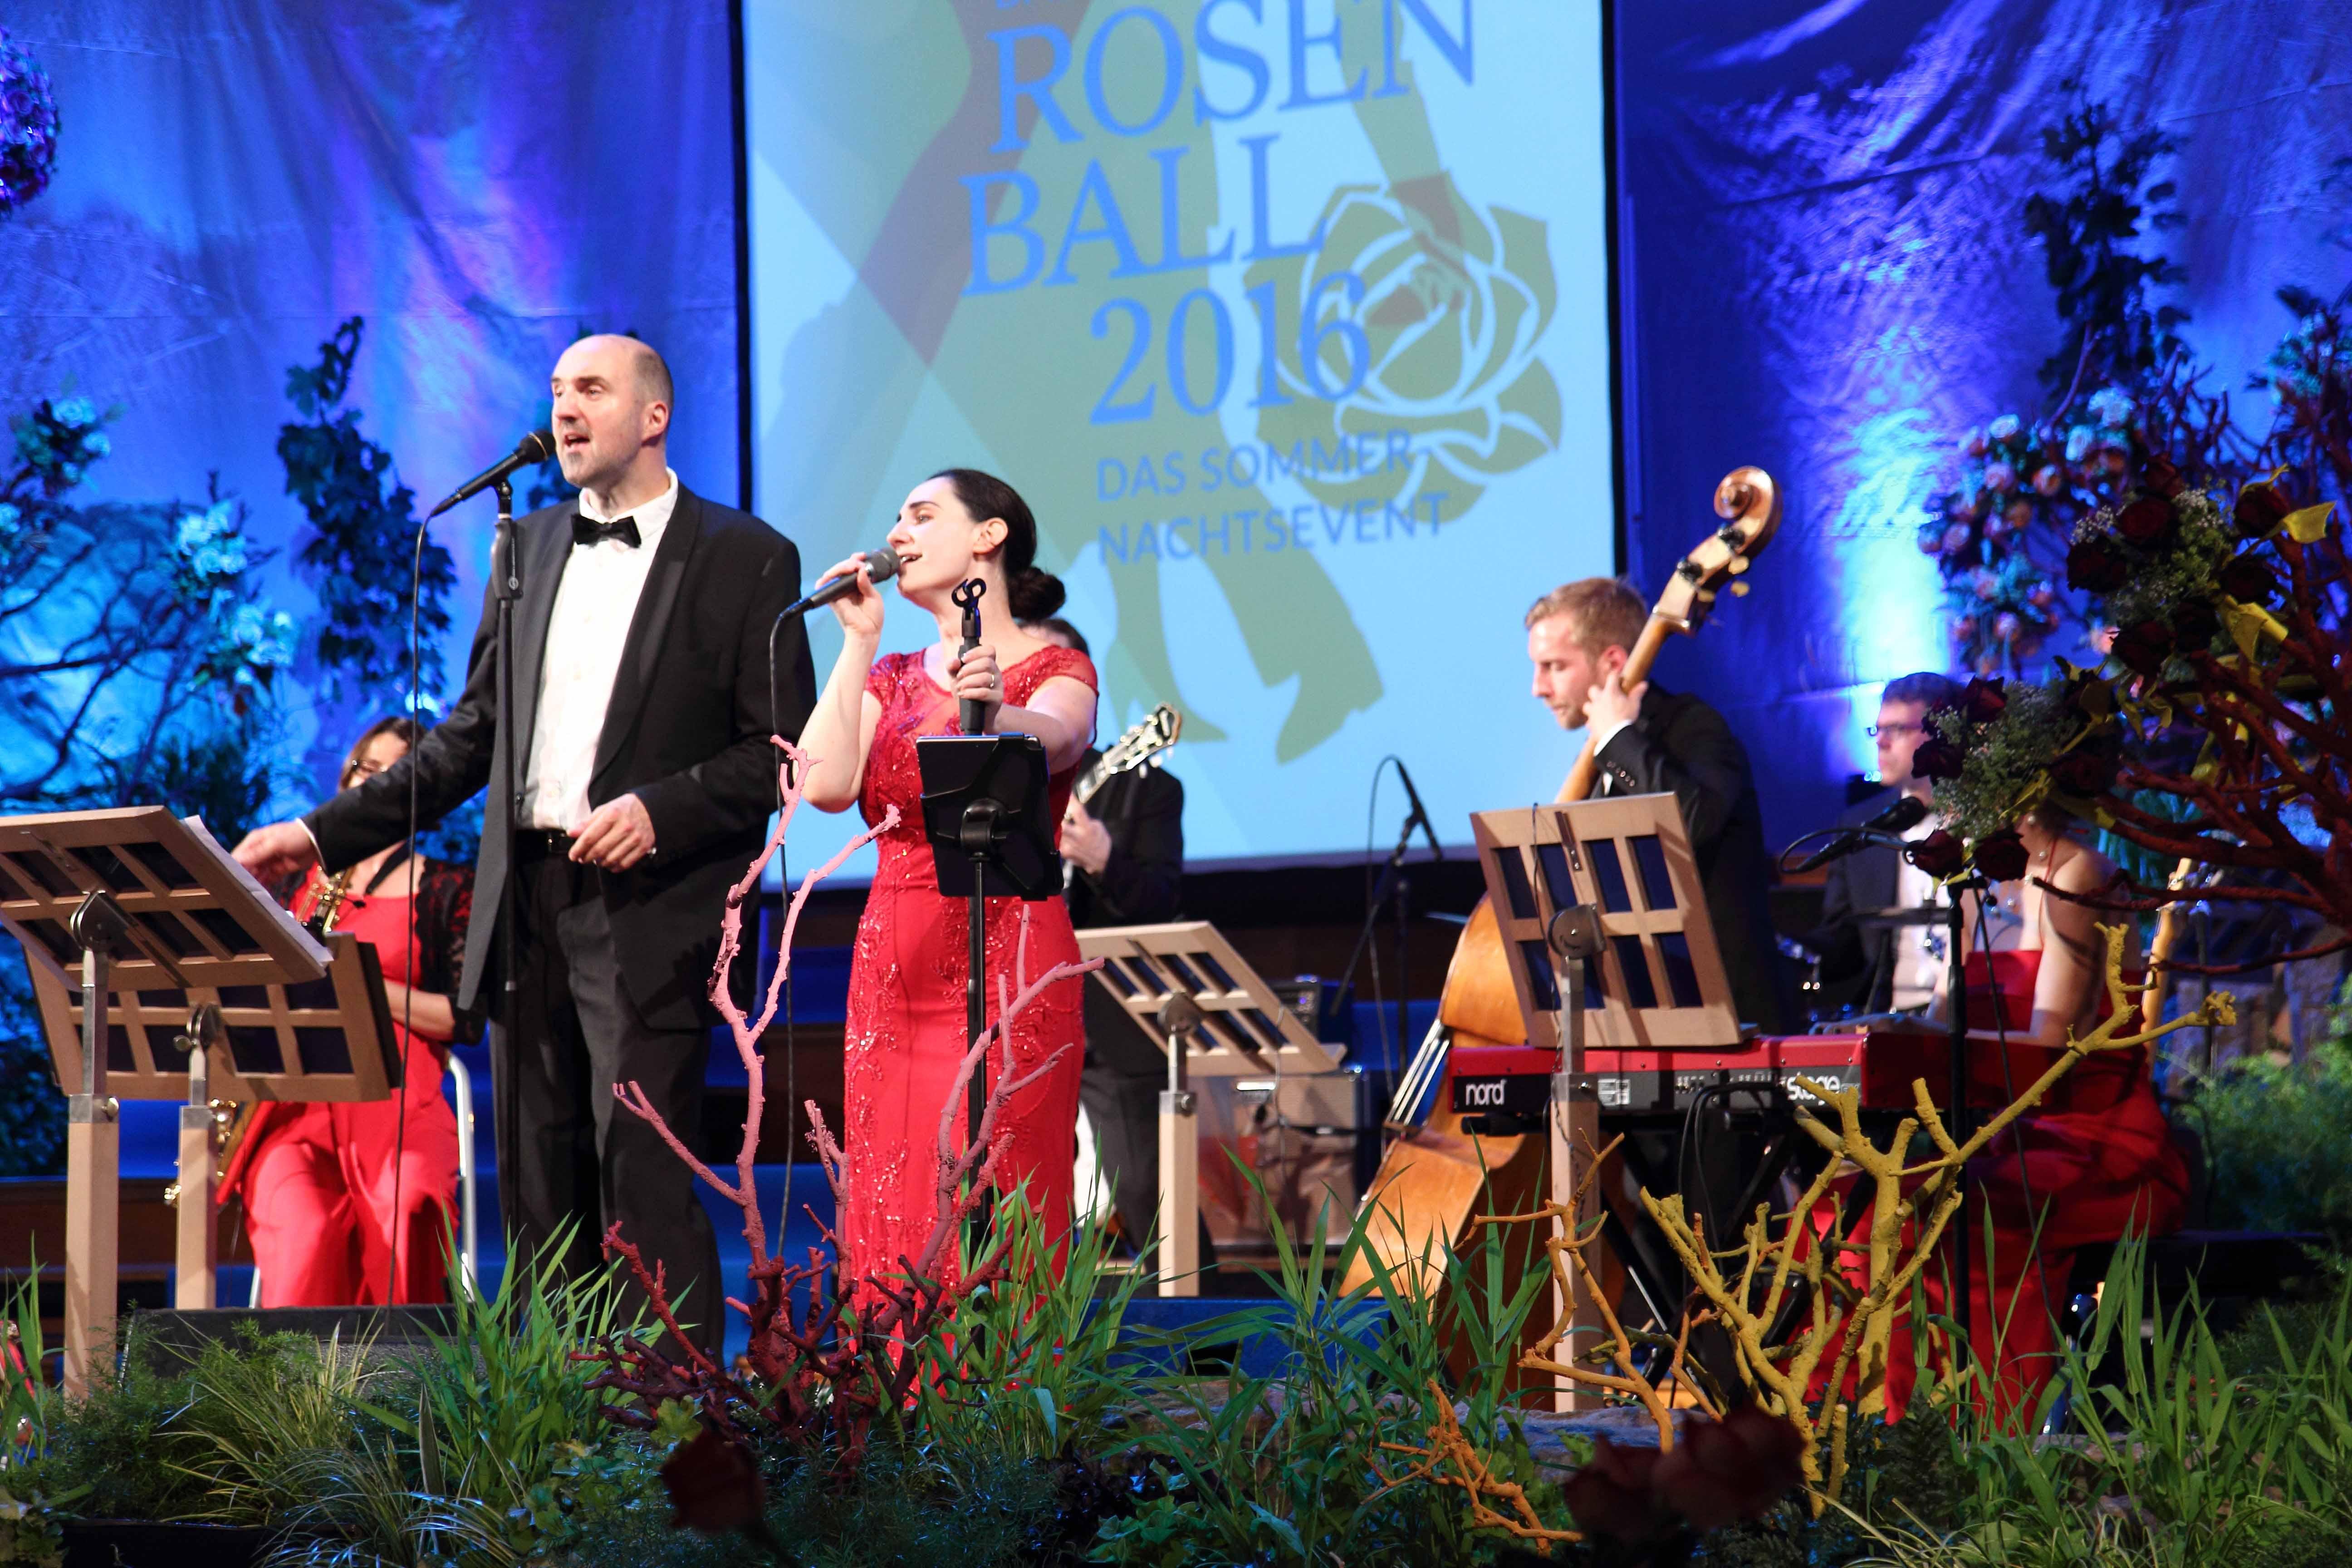 Rosenball Bad Kissingen